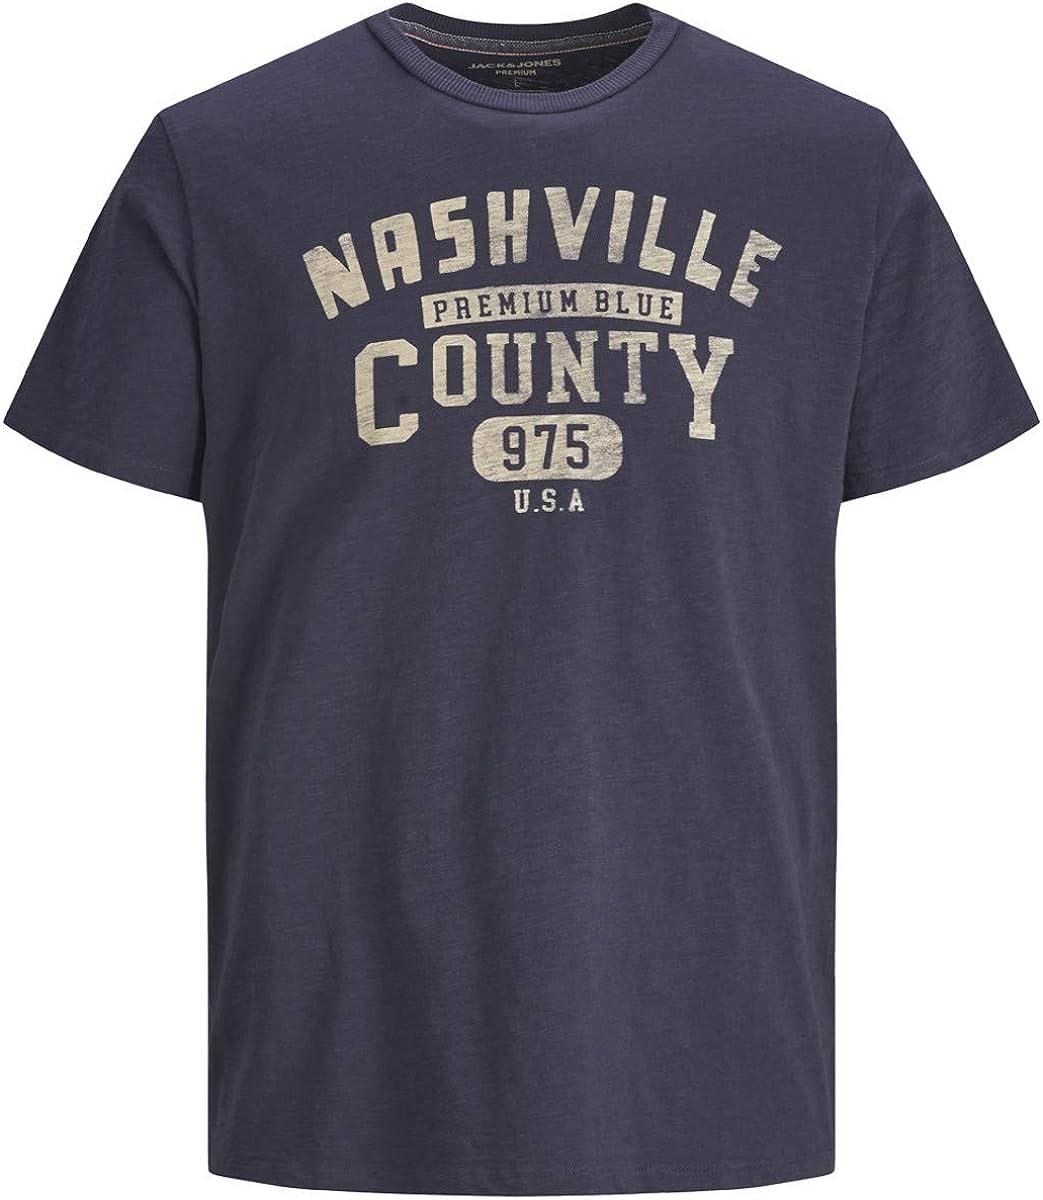 Jack & Jones 12174127 Blubryan - Camiseta para hombre, color azul turquesa L: Amazon.es: Ropa y accesorios